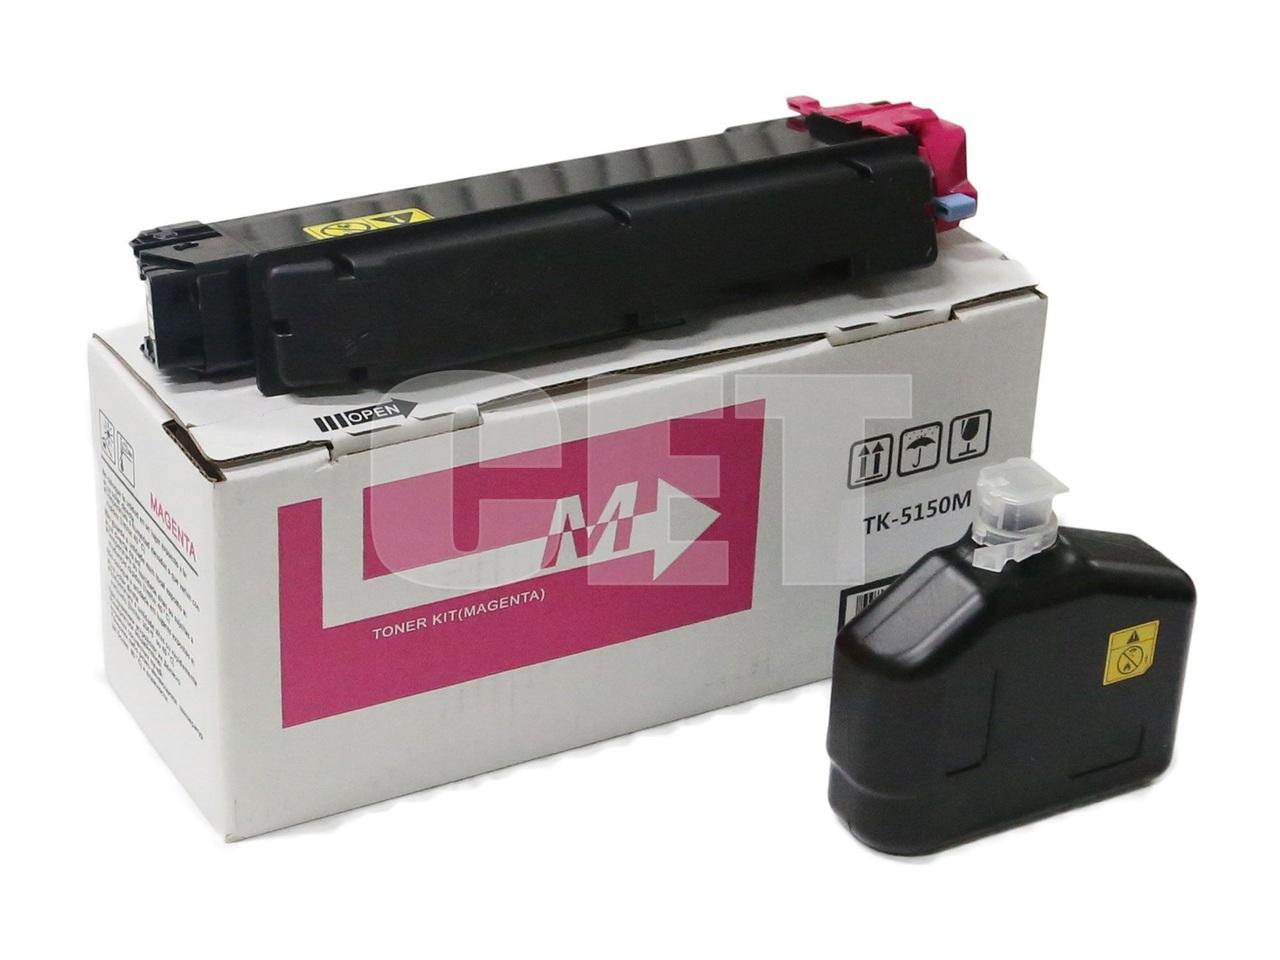 Тонер-картридж TK-5150M для KYOCERA ECOSYSM6035cidn/6535cidn/P6035cdn (CET) Magenta, 160г, 10000 стр.,CET8972M